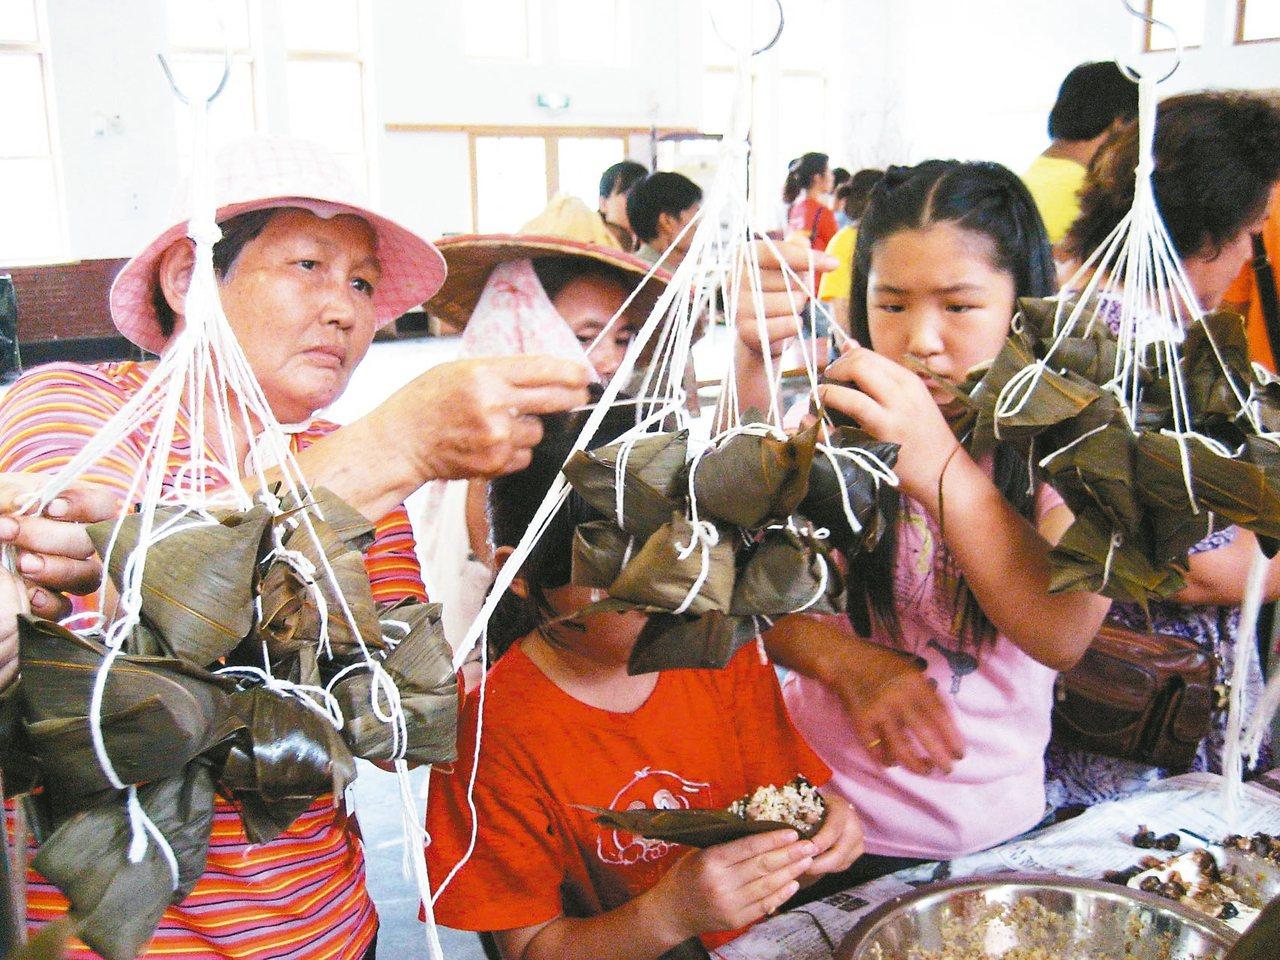 端午節又到了,我們吃粽子紀念屈原。 本報資料照片